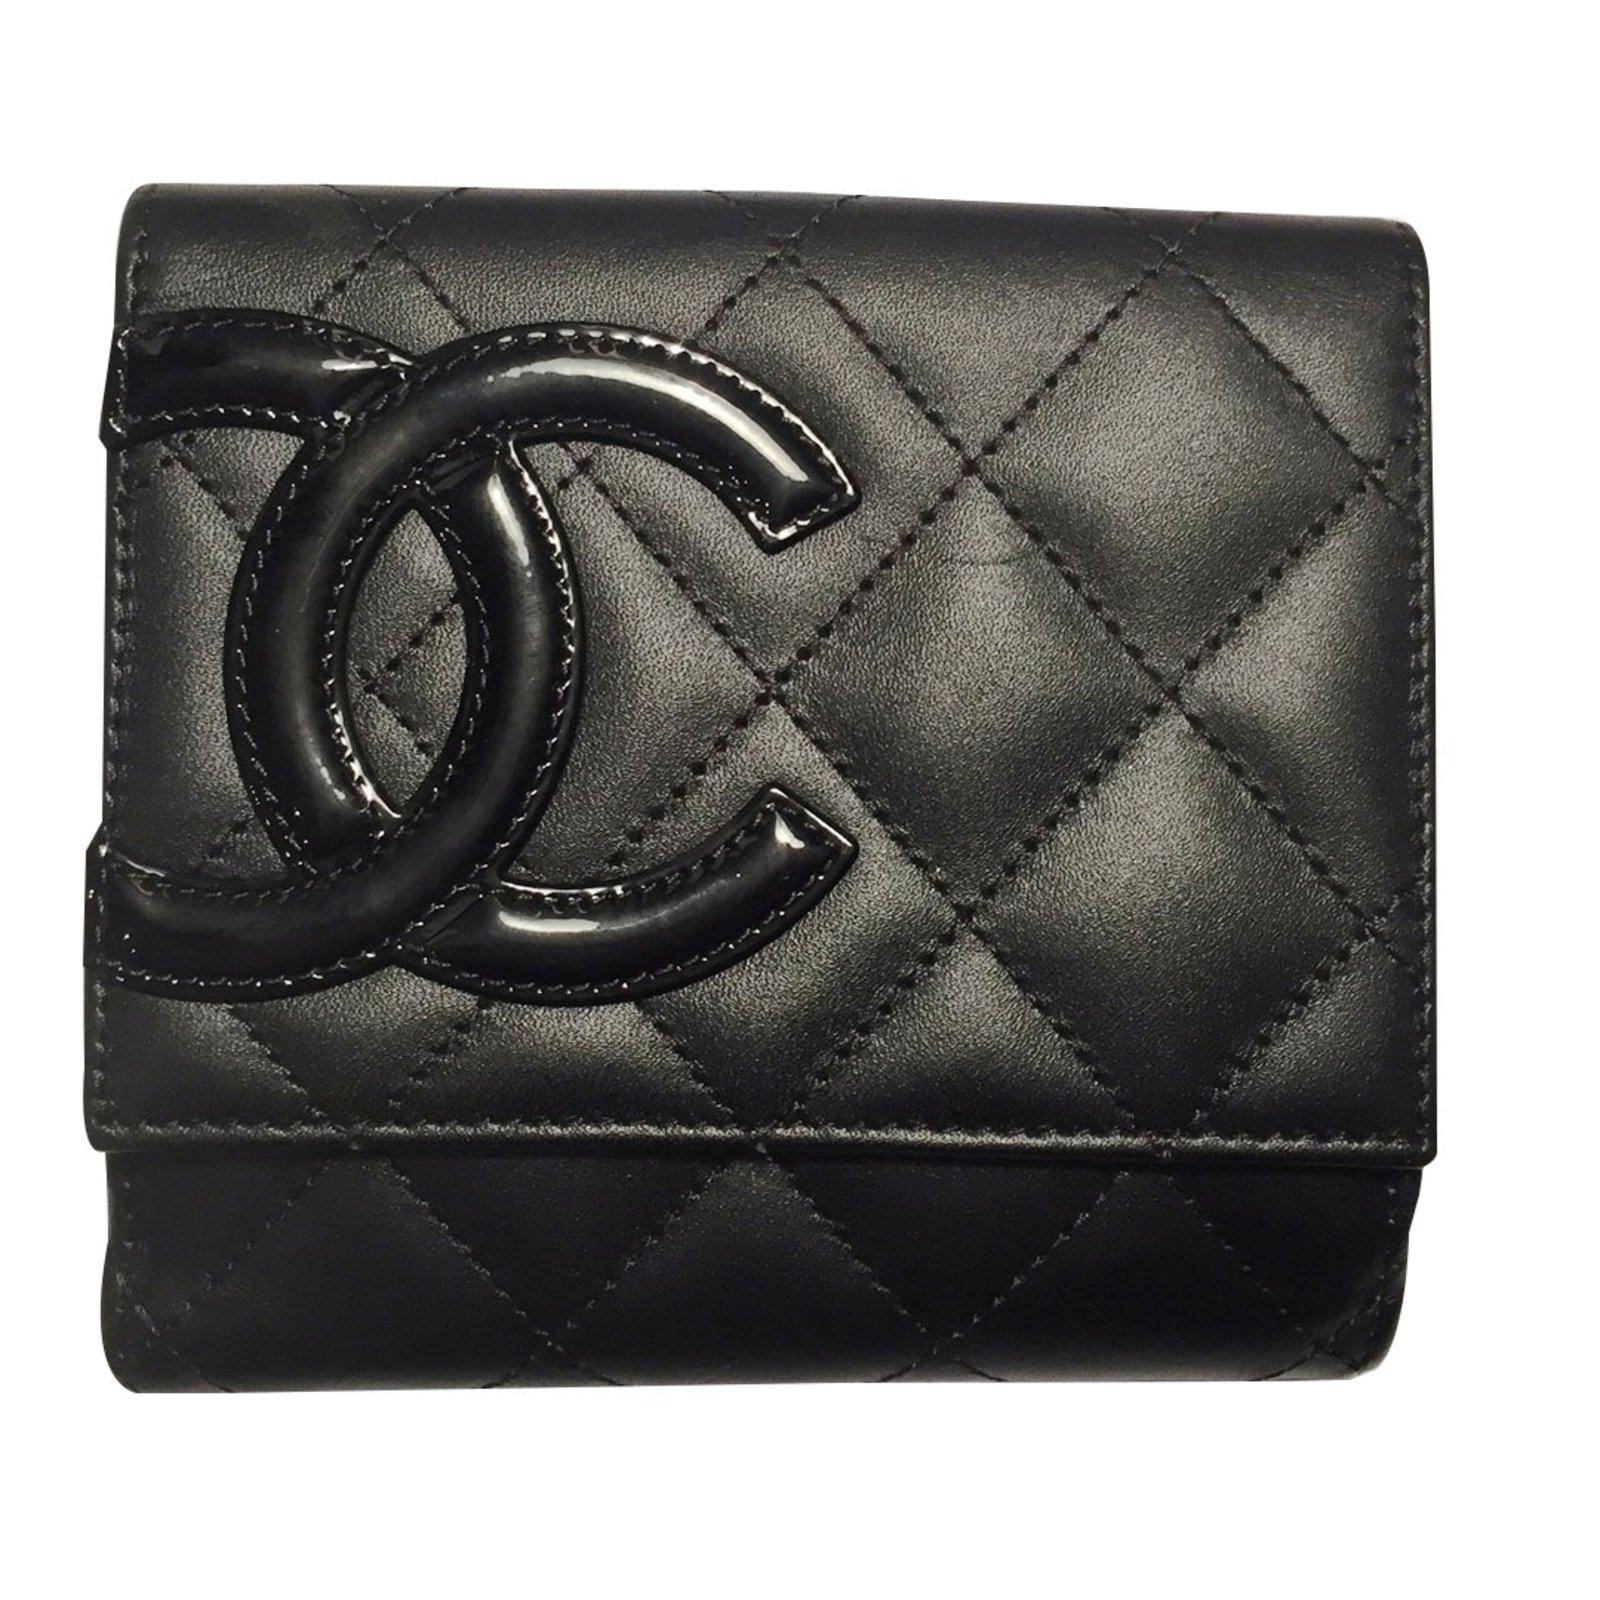 Petite maroquinerie Chanel Portefeuille Porte Monnaie compact Chanel Cambon  Cuir Noir ref.90177 d4327720f75